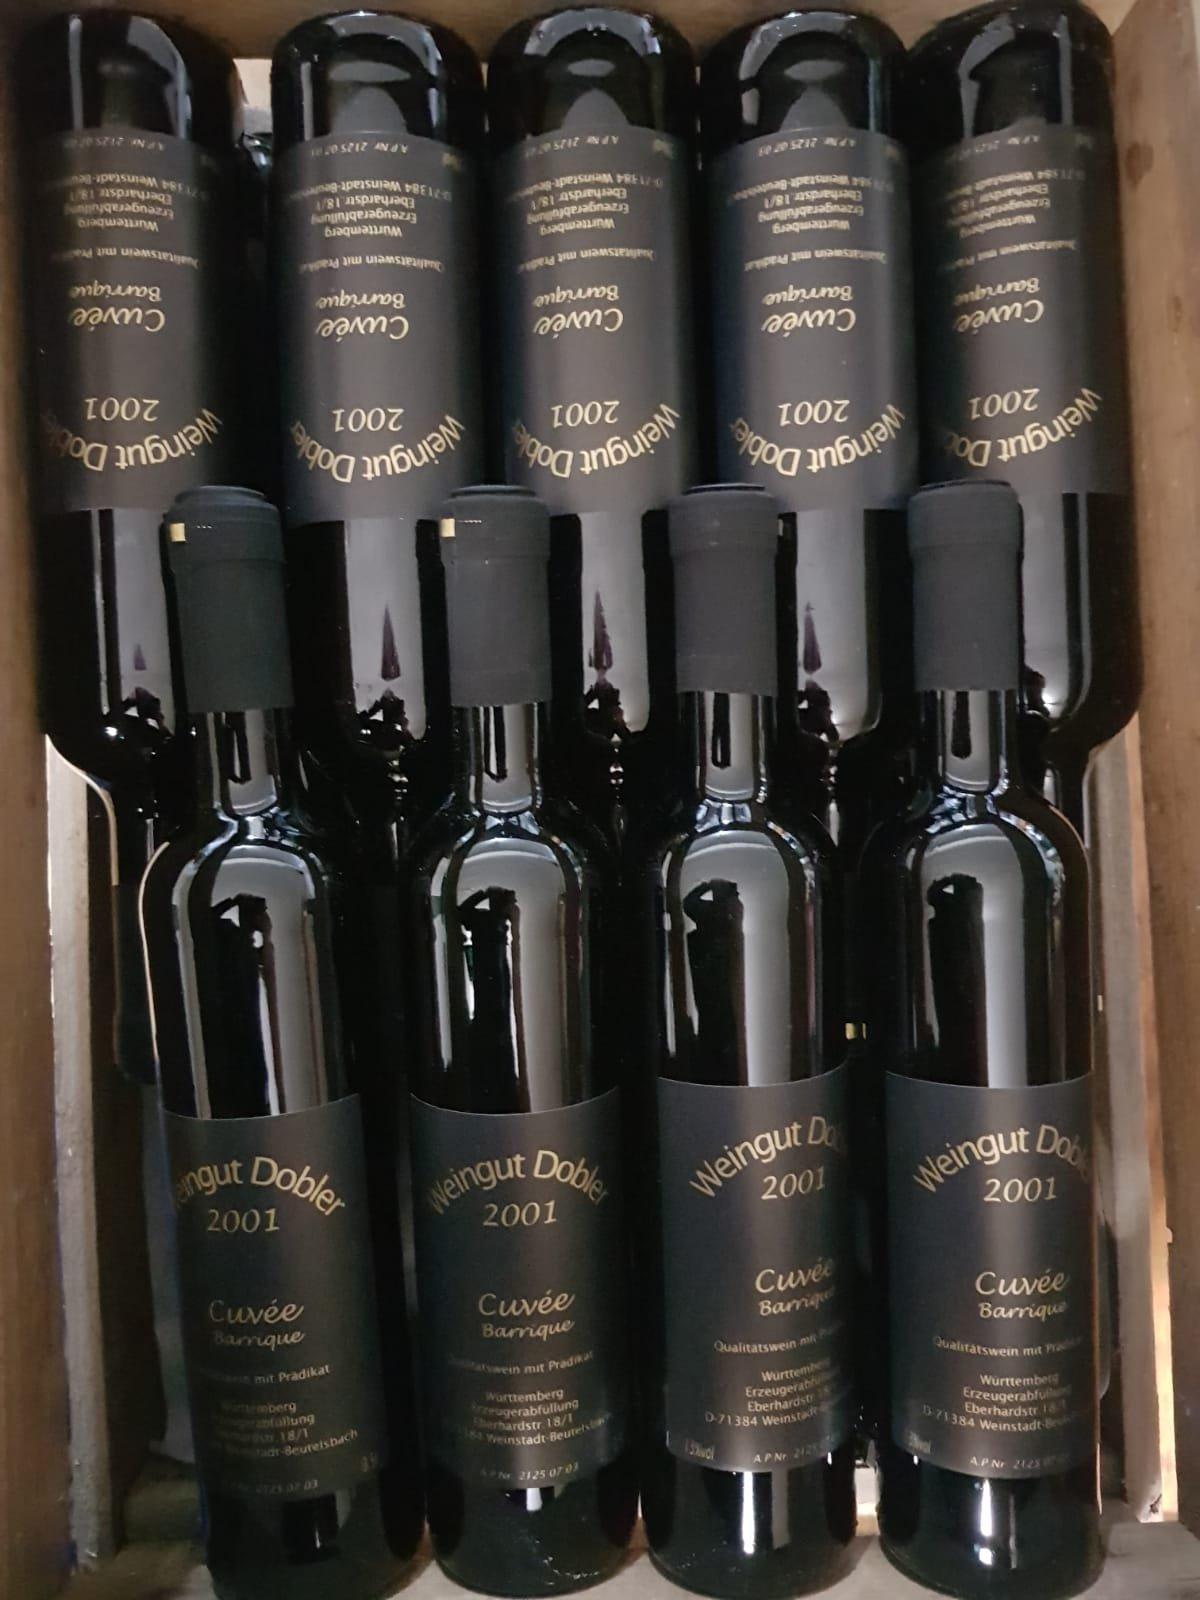 Weingut Dobler 2001 Cuvée Cabernet